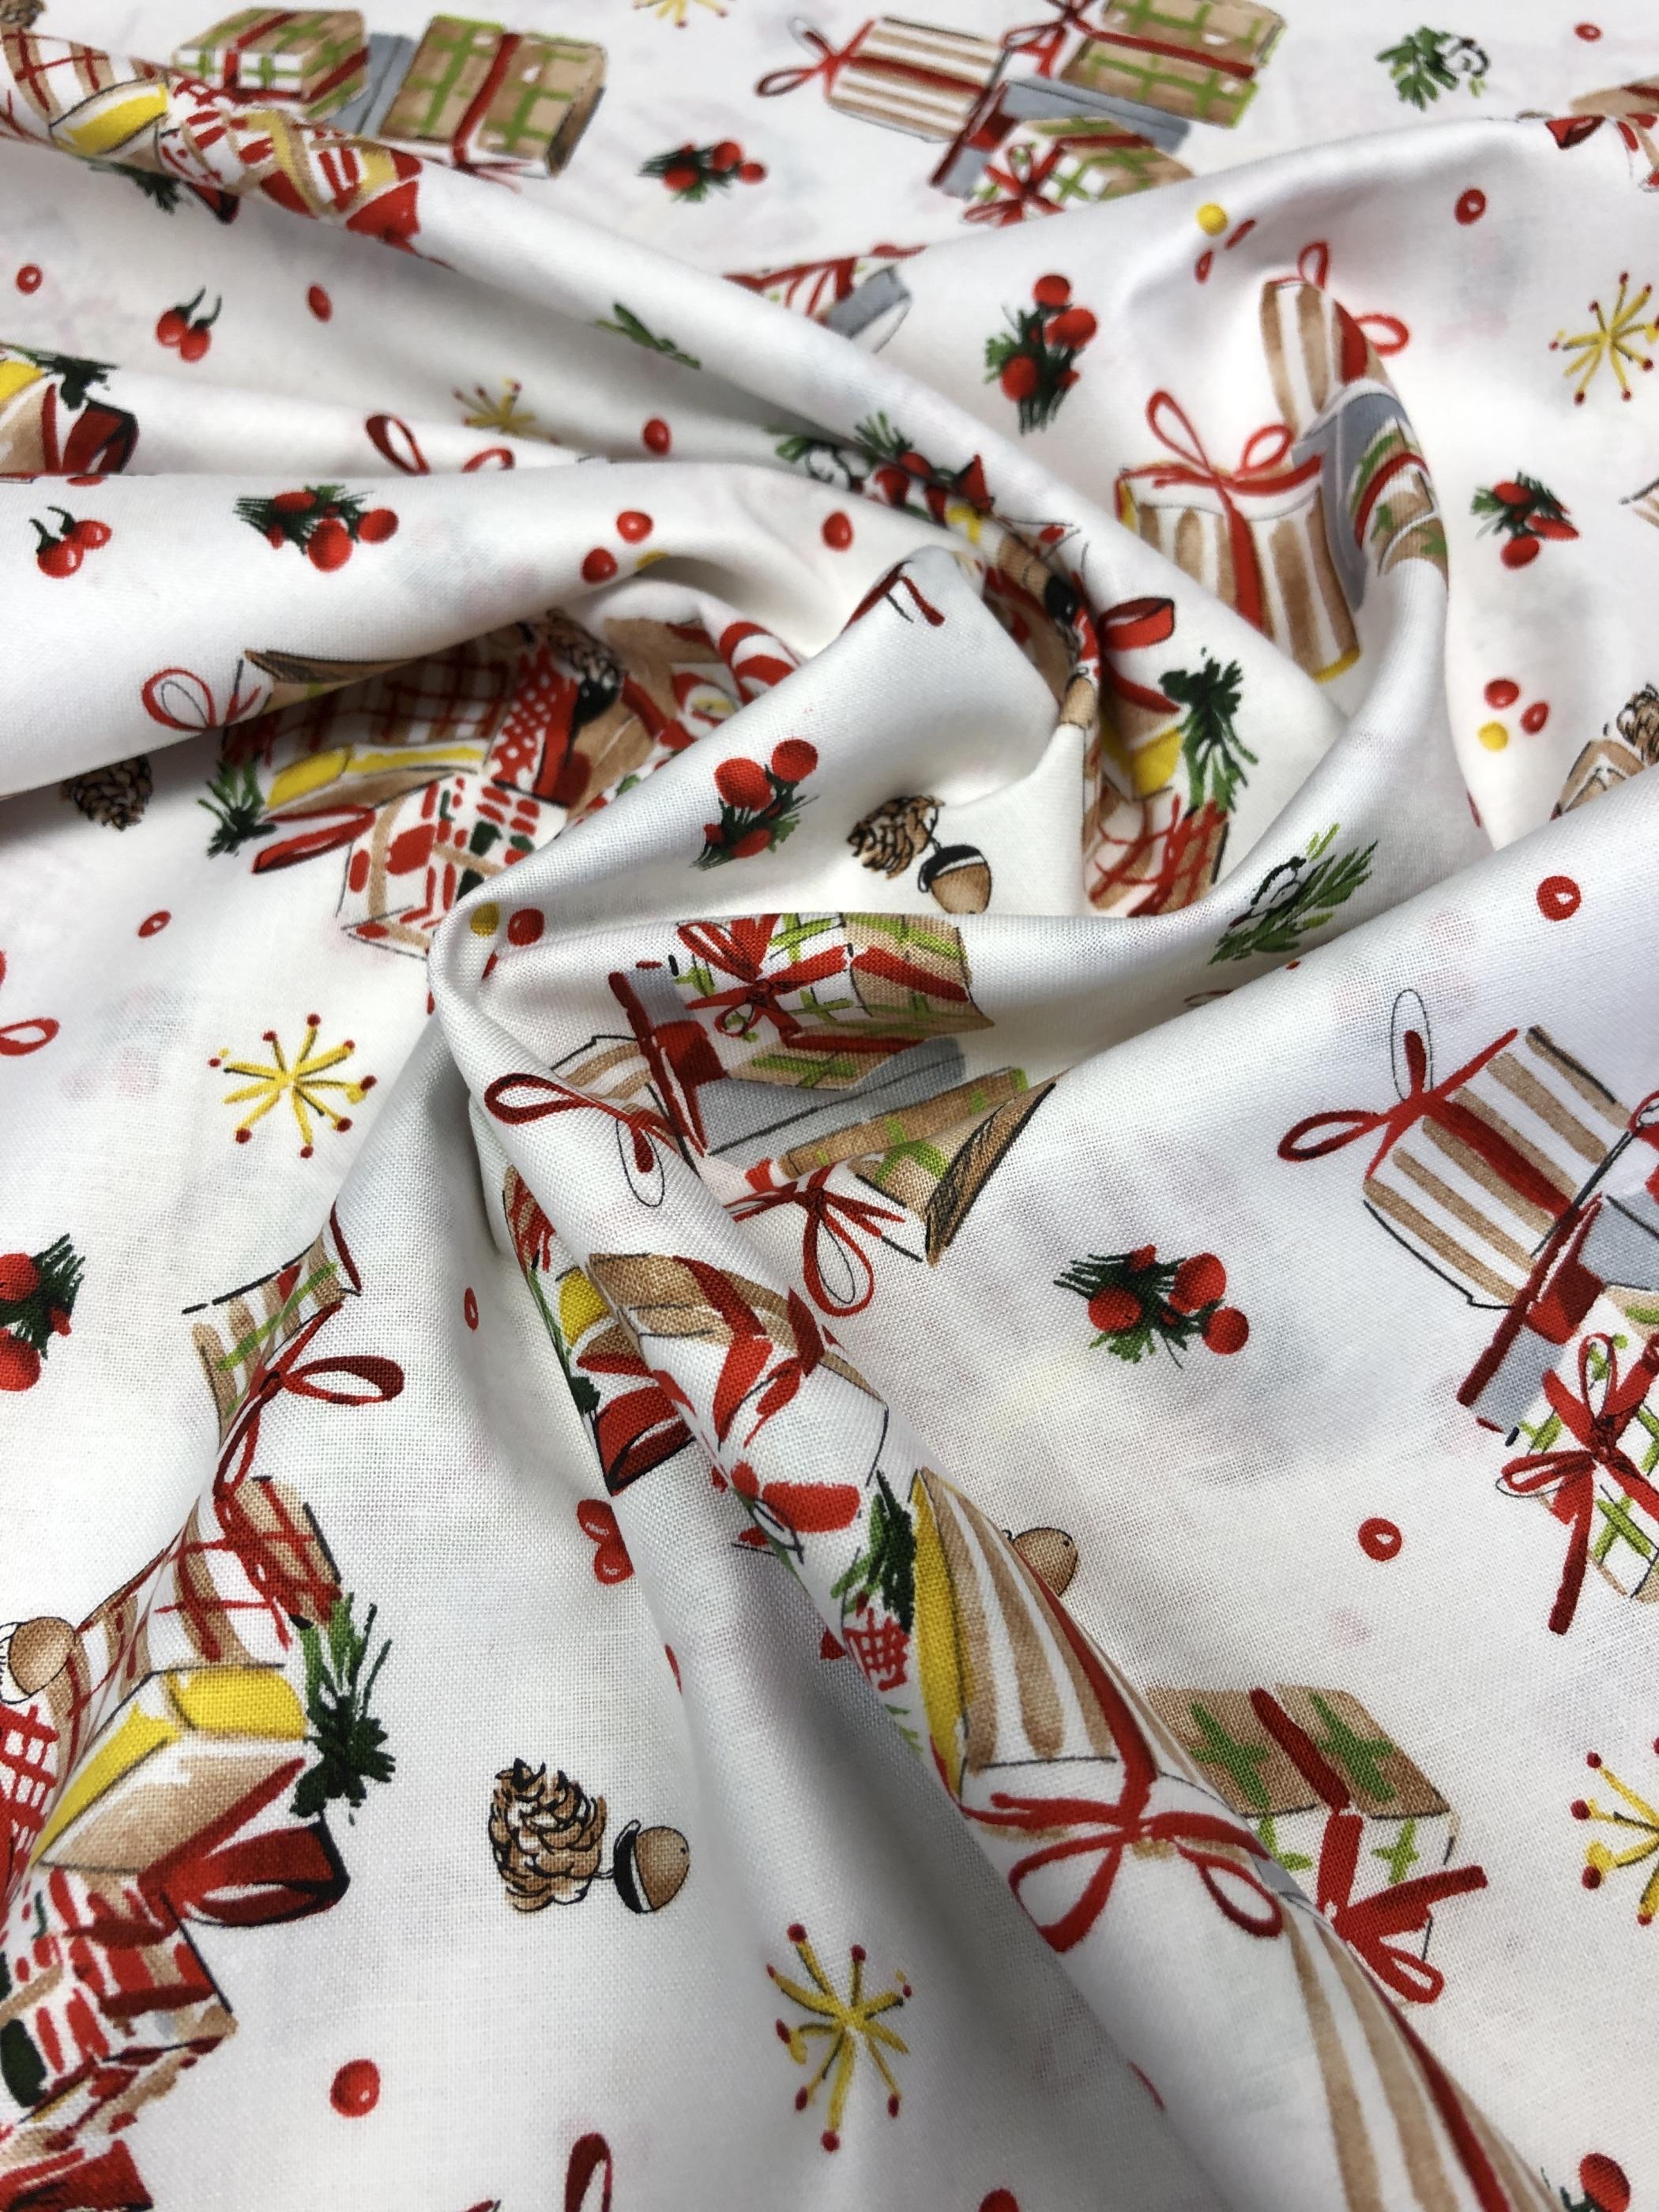 Paket jul julklappar bomullstyg bomull Christmas tyglust laholm